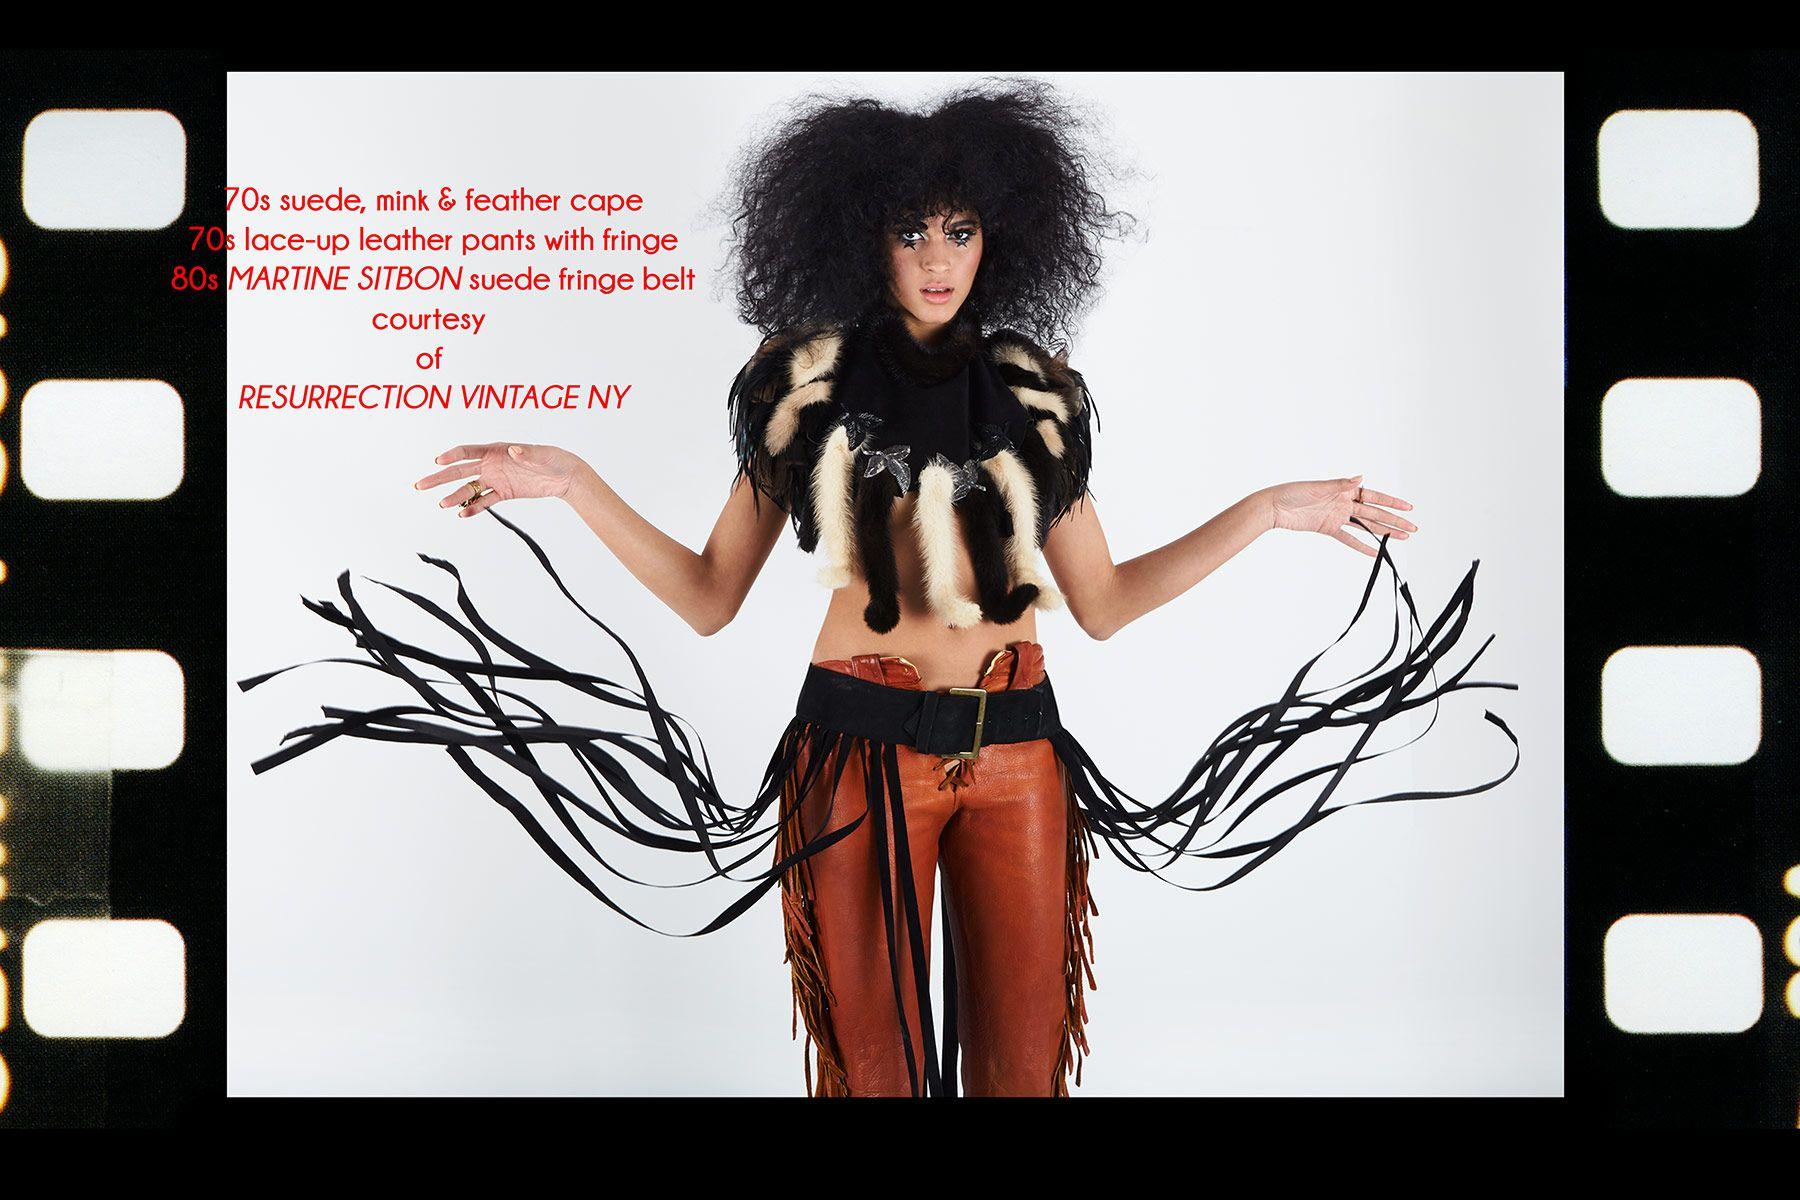 Model Karina Ramirez photographed for Ponyboy magazine editorial